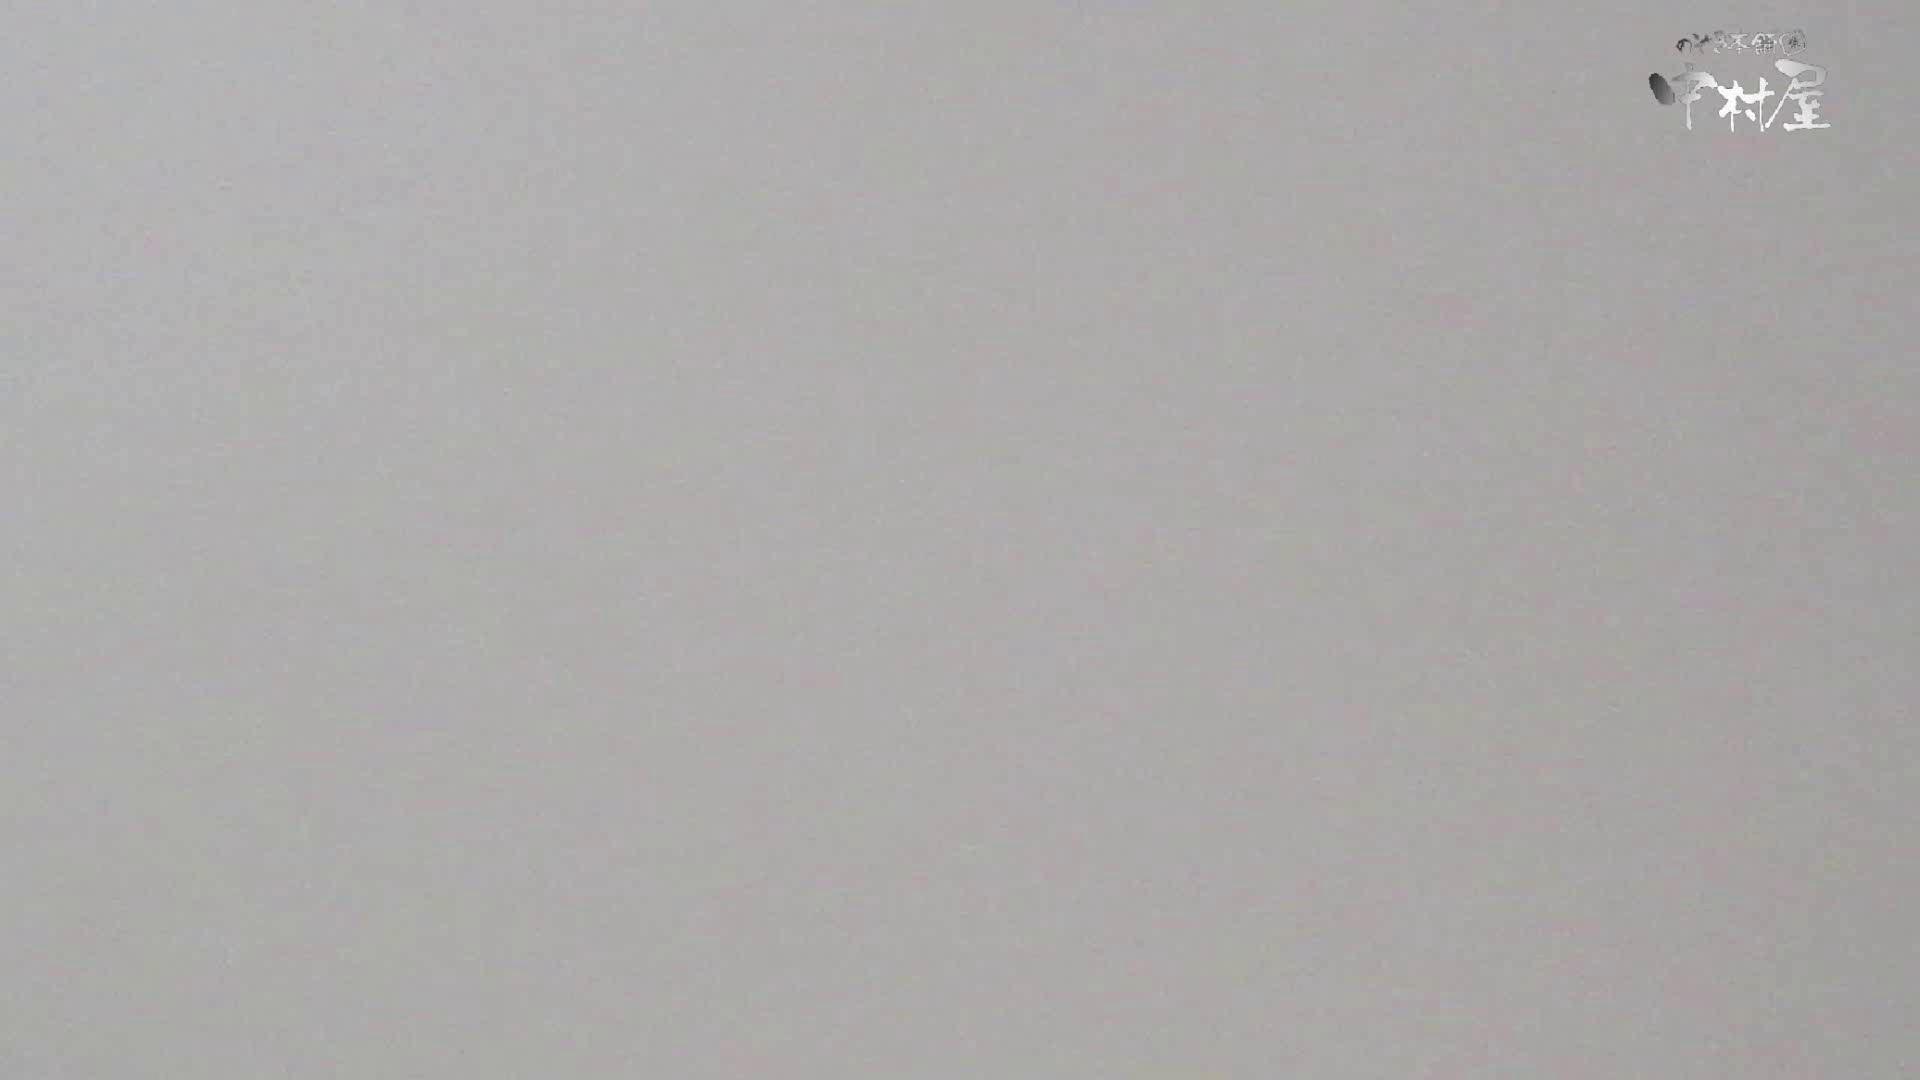 魂のかわや盗撮62連発! スポーツシューズの嬢! 53発目! 黄金水 | 盗撮師作品  80pic 15